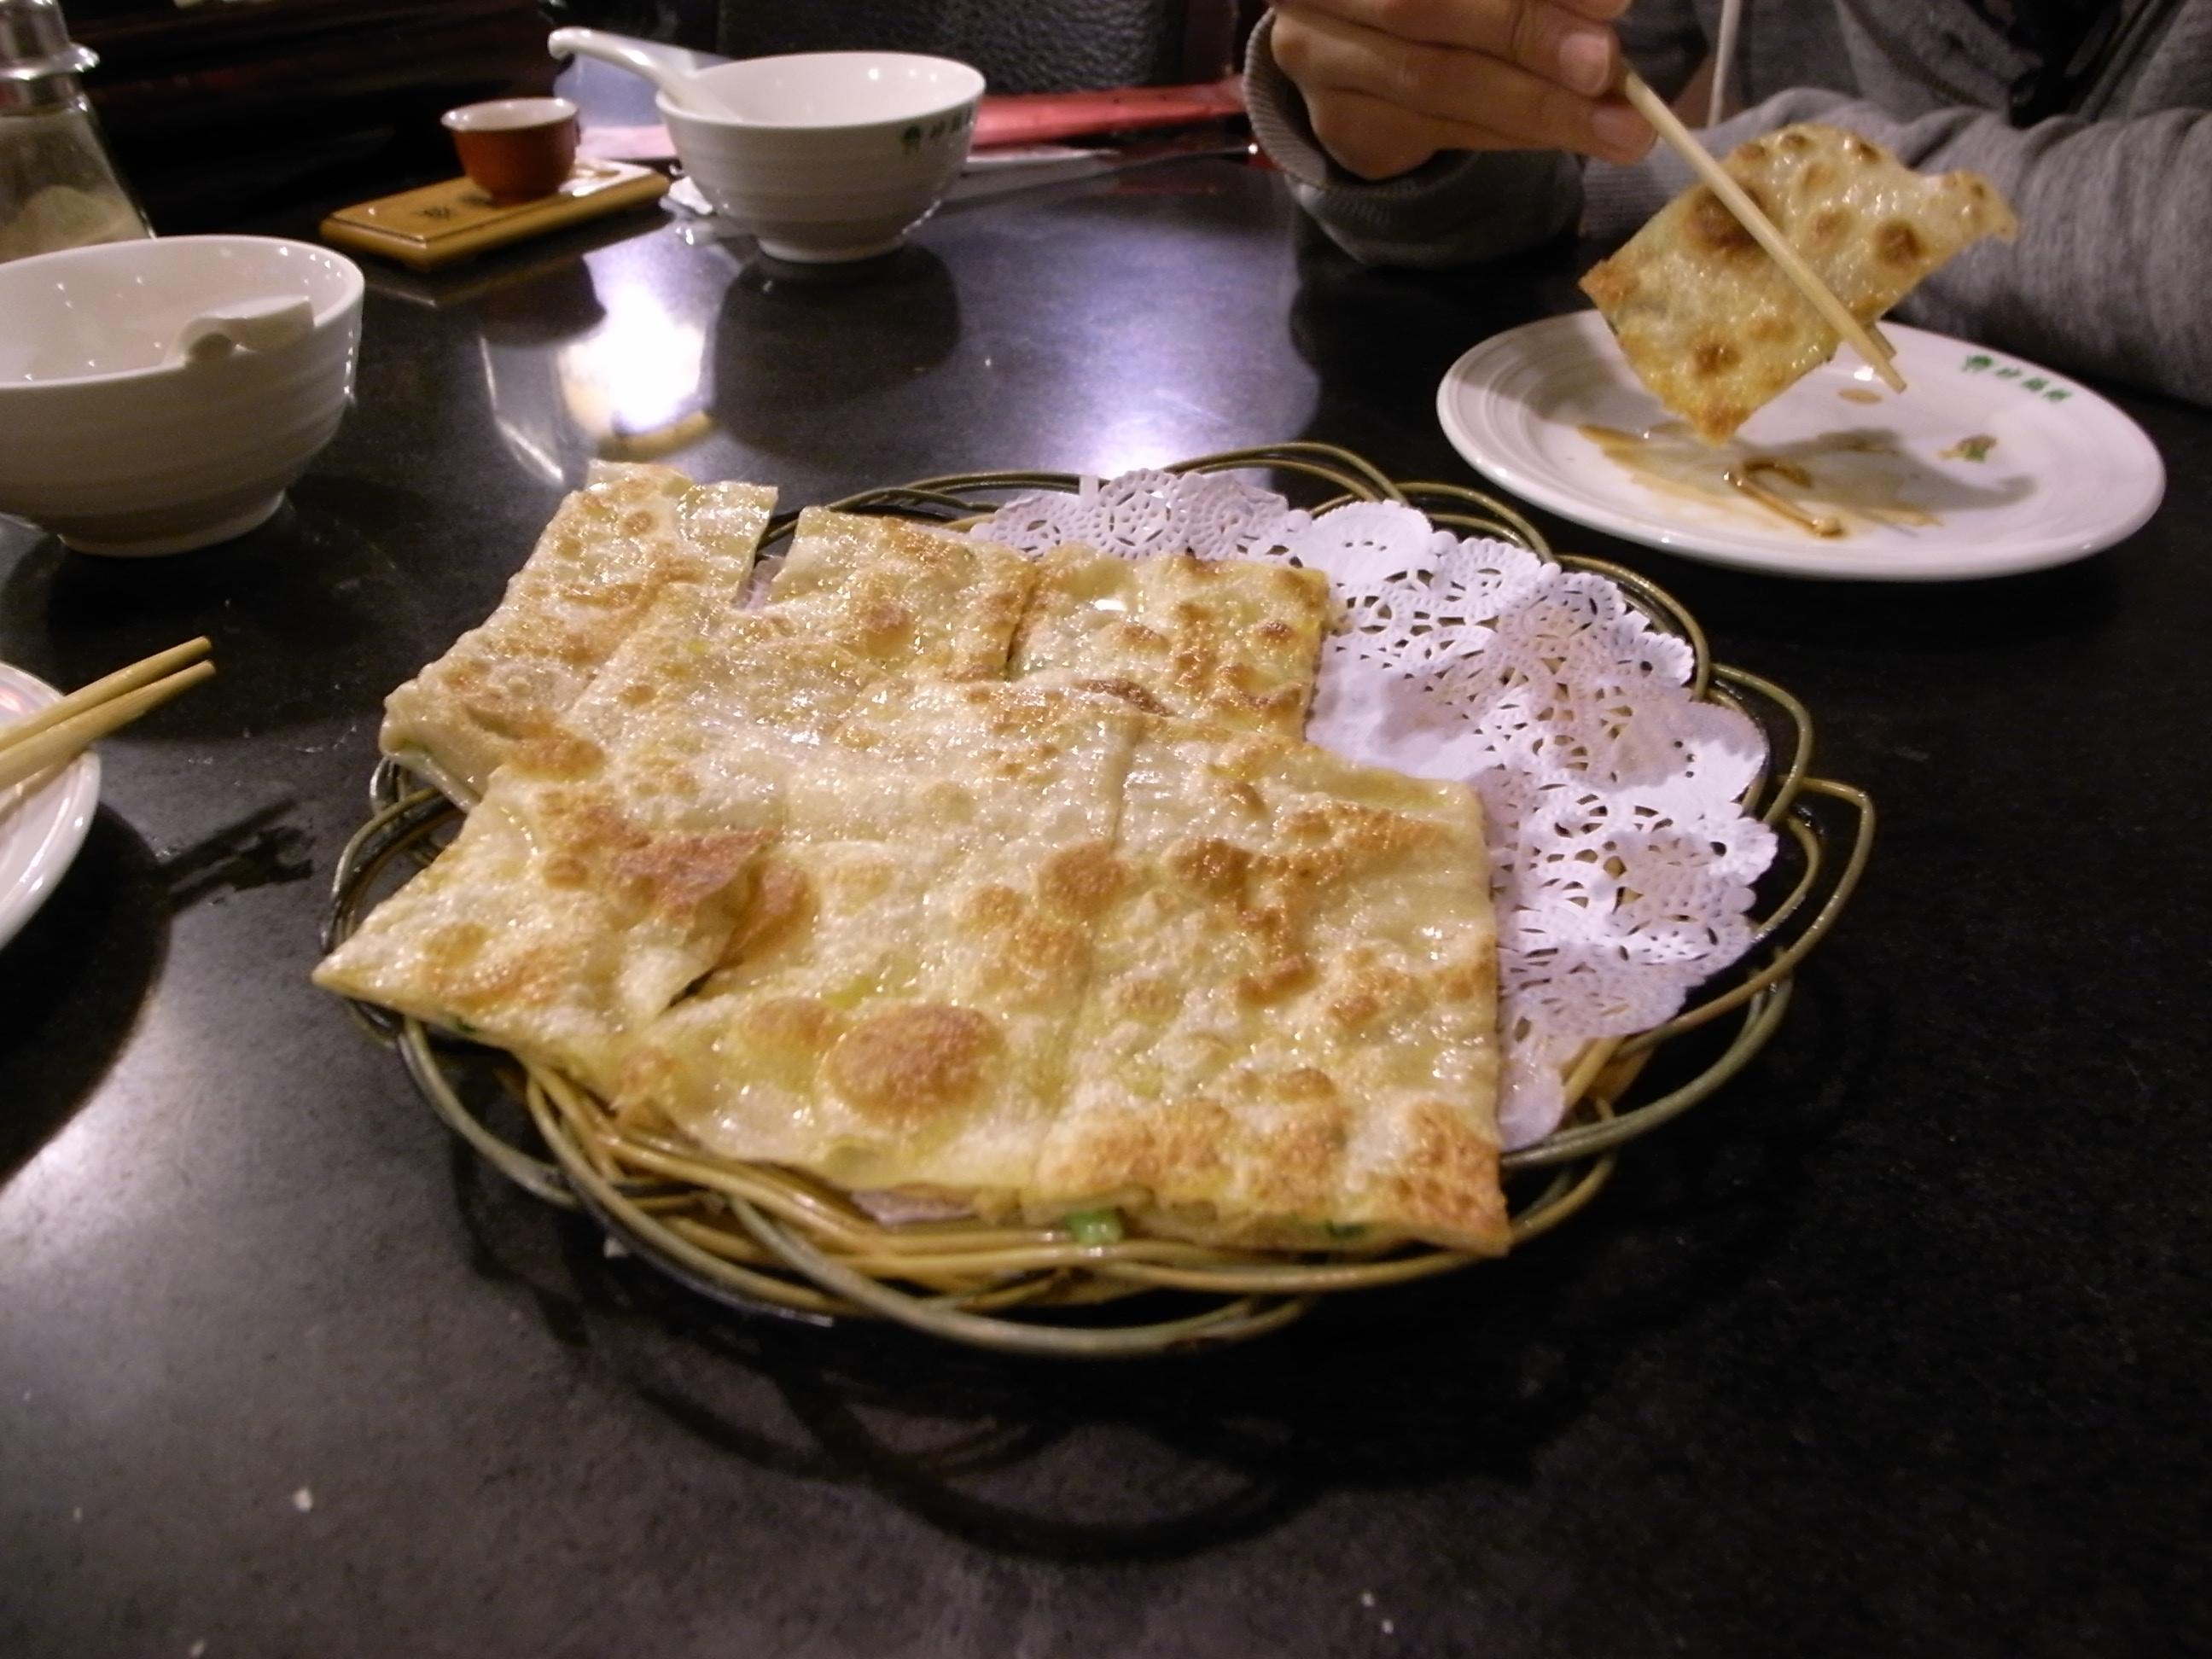 カリッカリに焼いた薄い生地の中に、挽肉と野菜。